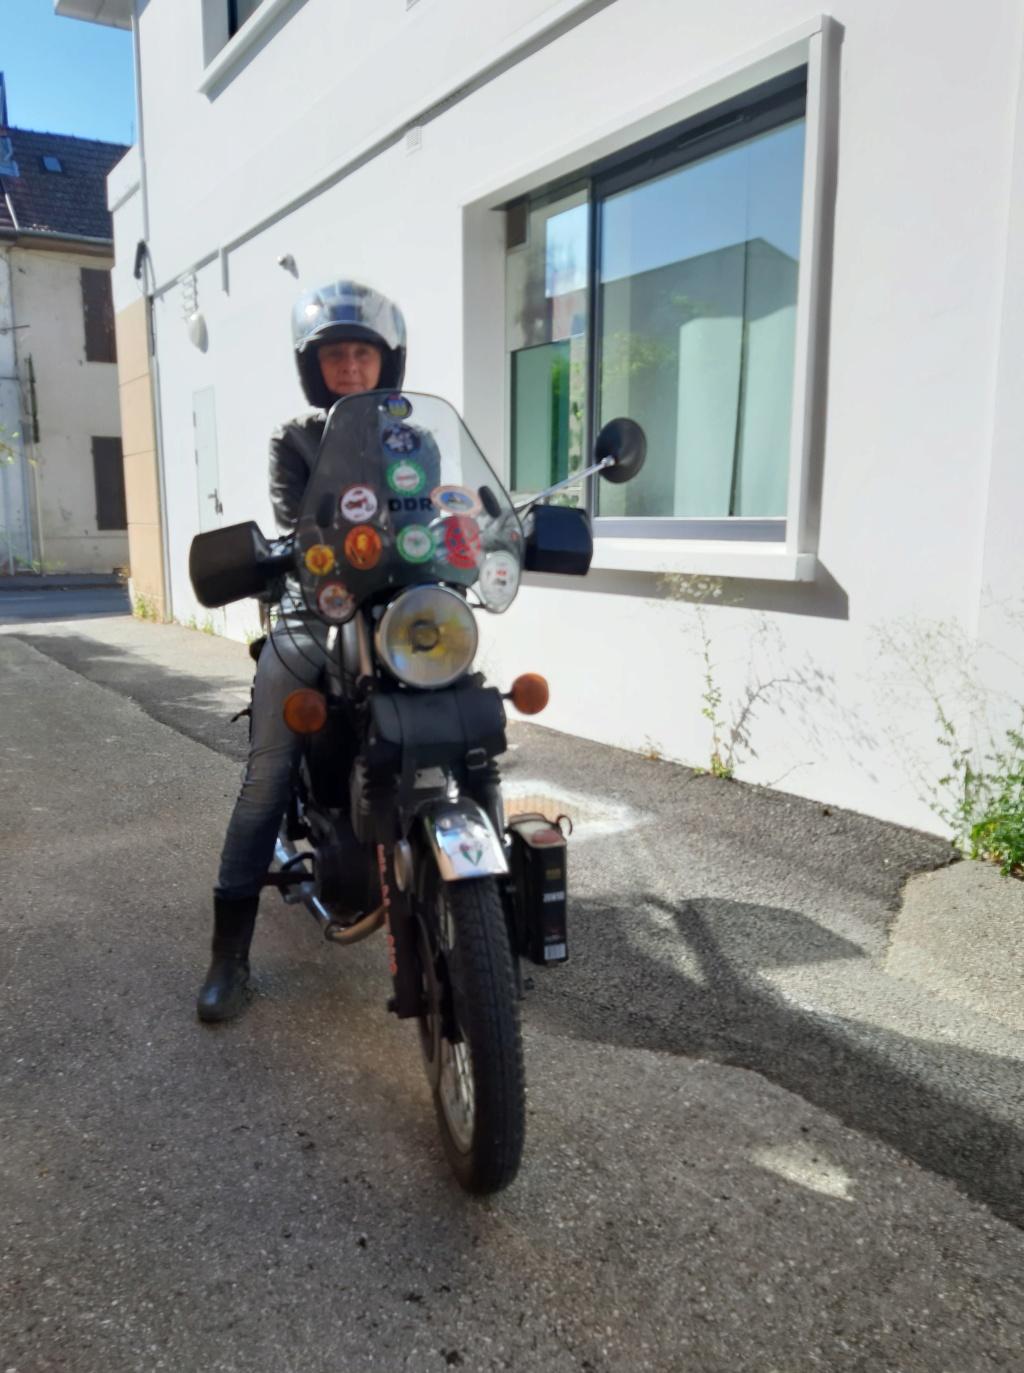 Moto (nom féminin) 67701711